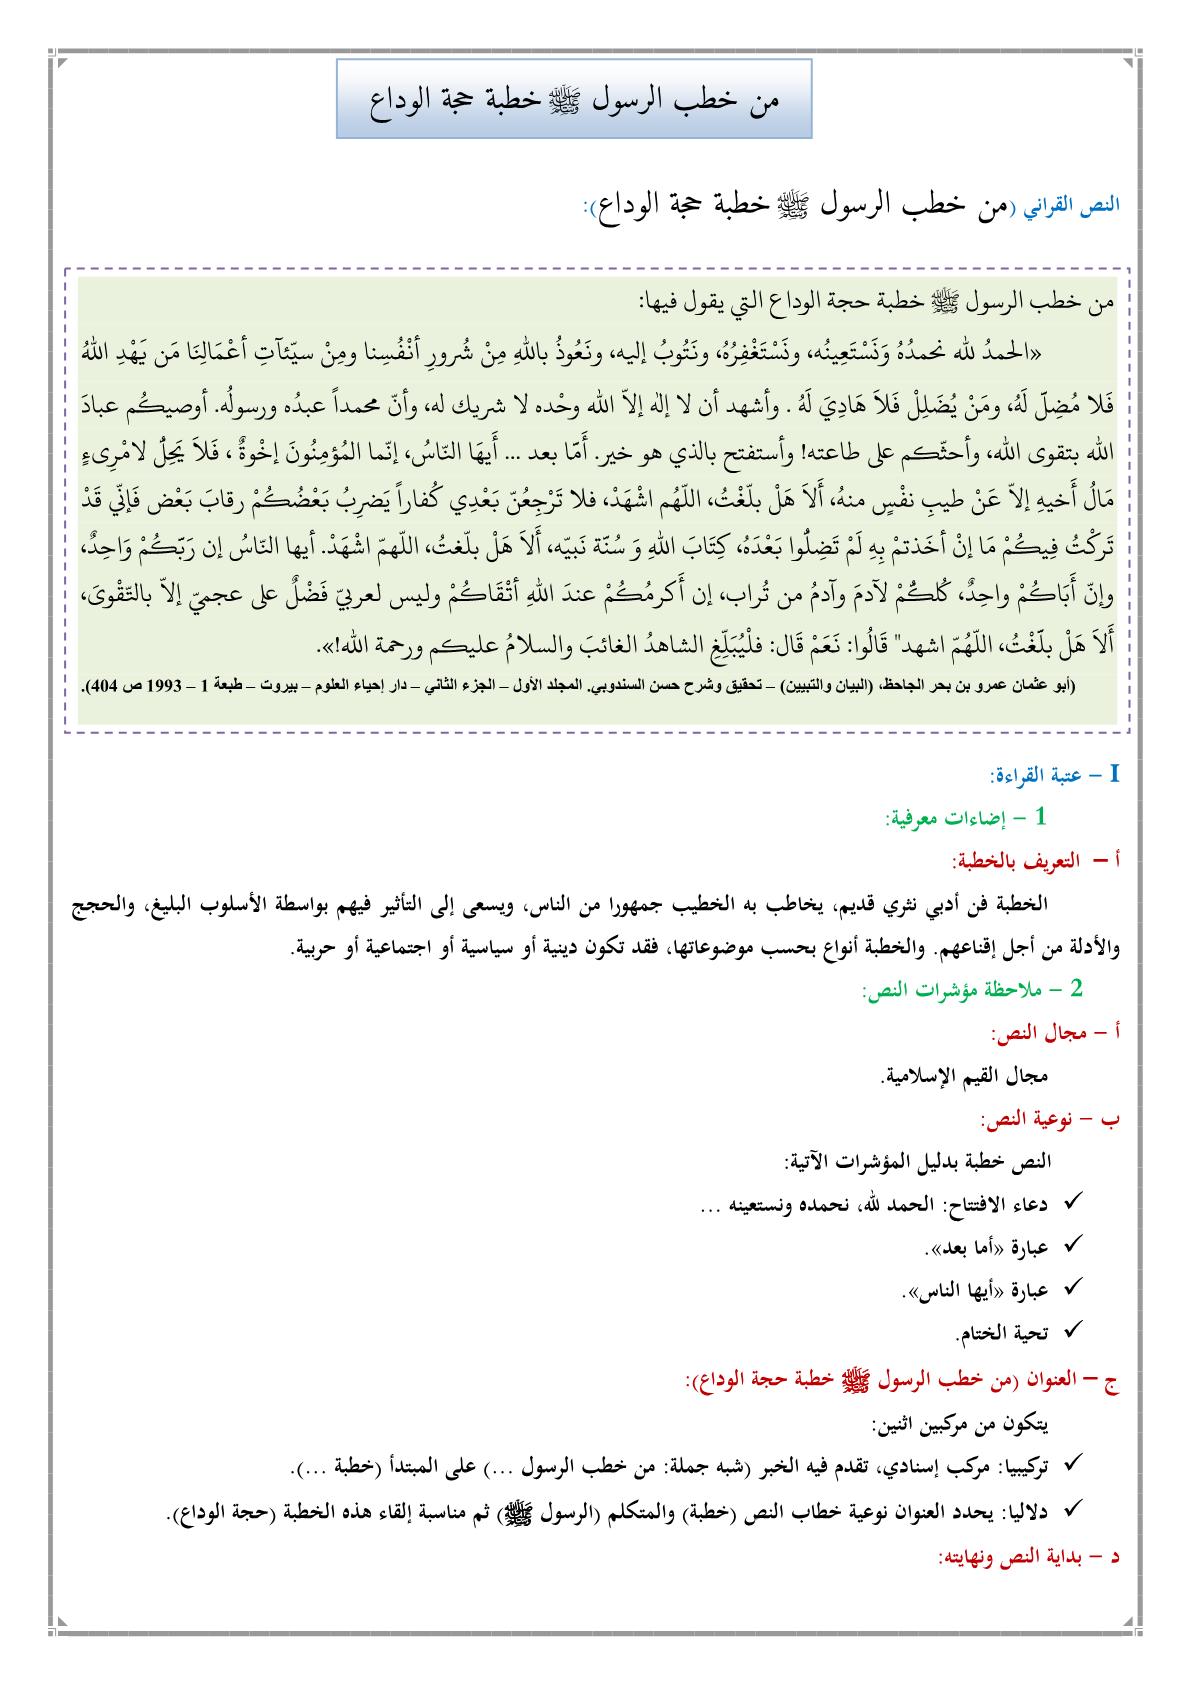 درس تحضير النص القرائي من خطب الرسول (ص) خطبة حجة الوداع للسنة الأولى إعدادي